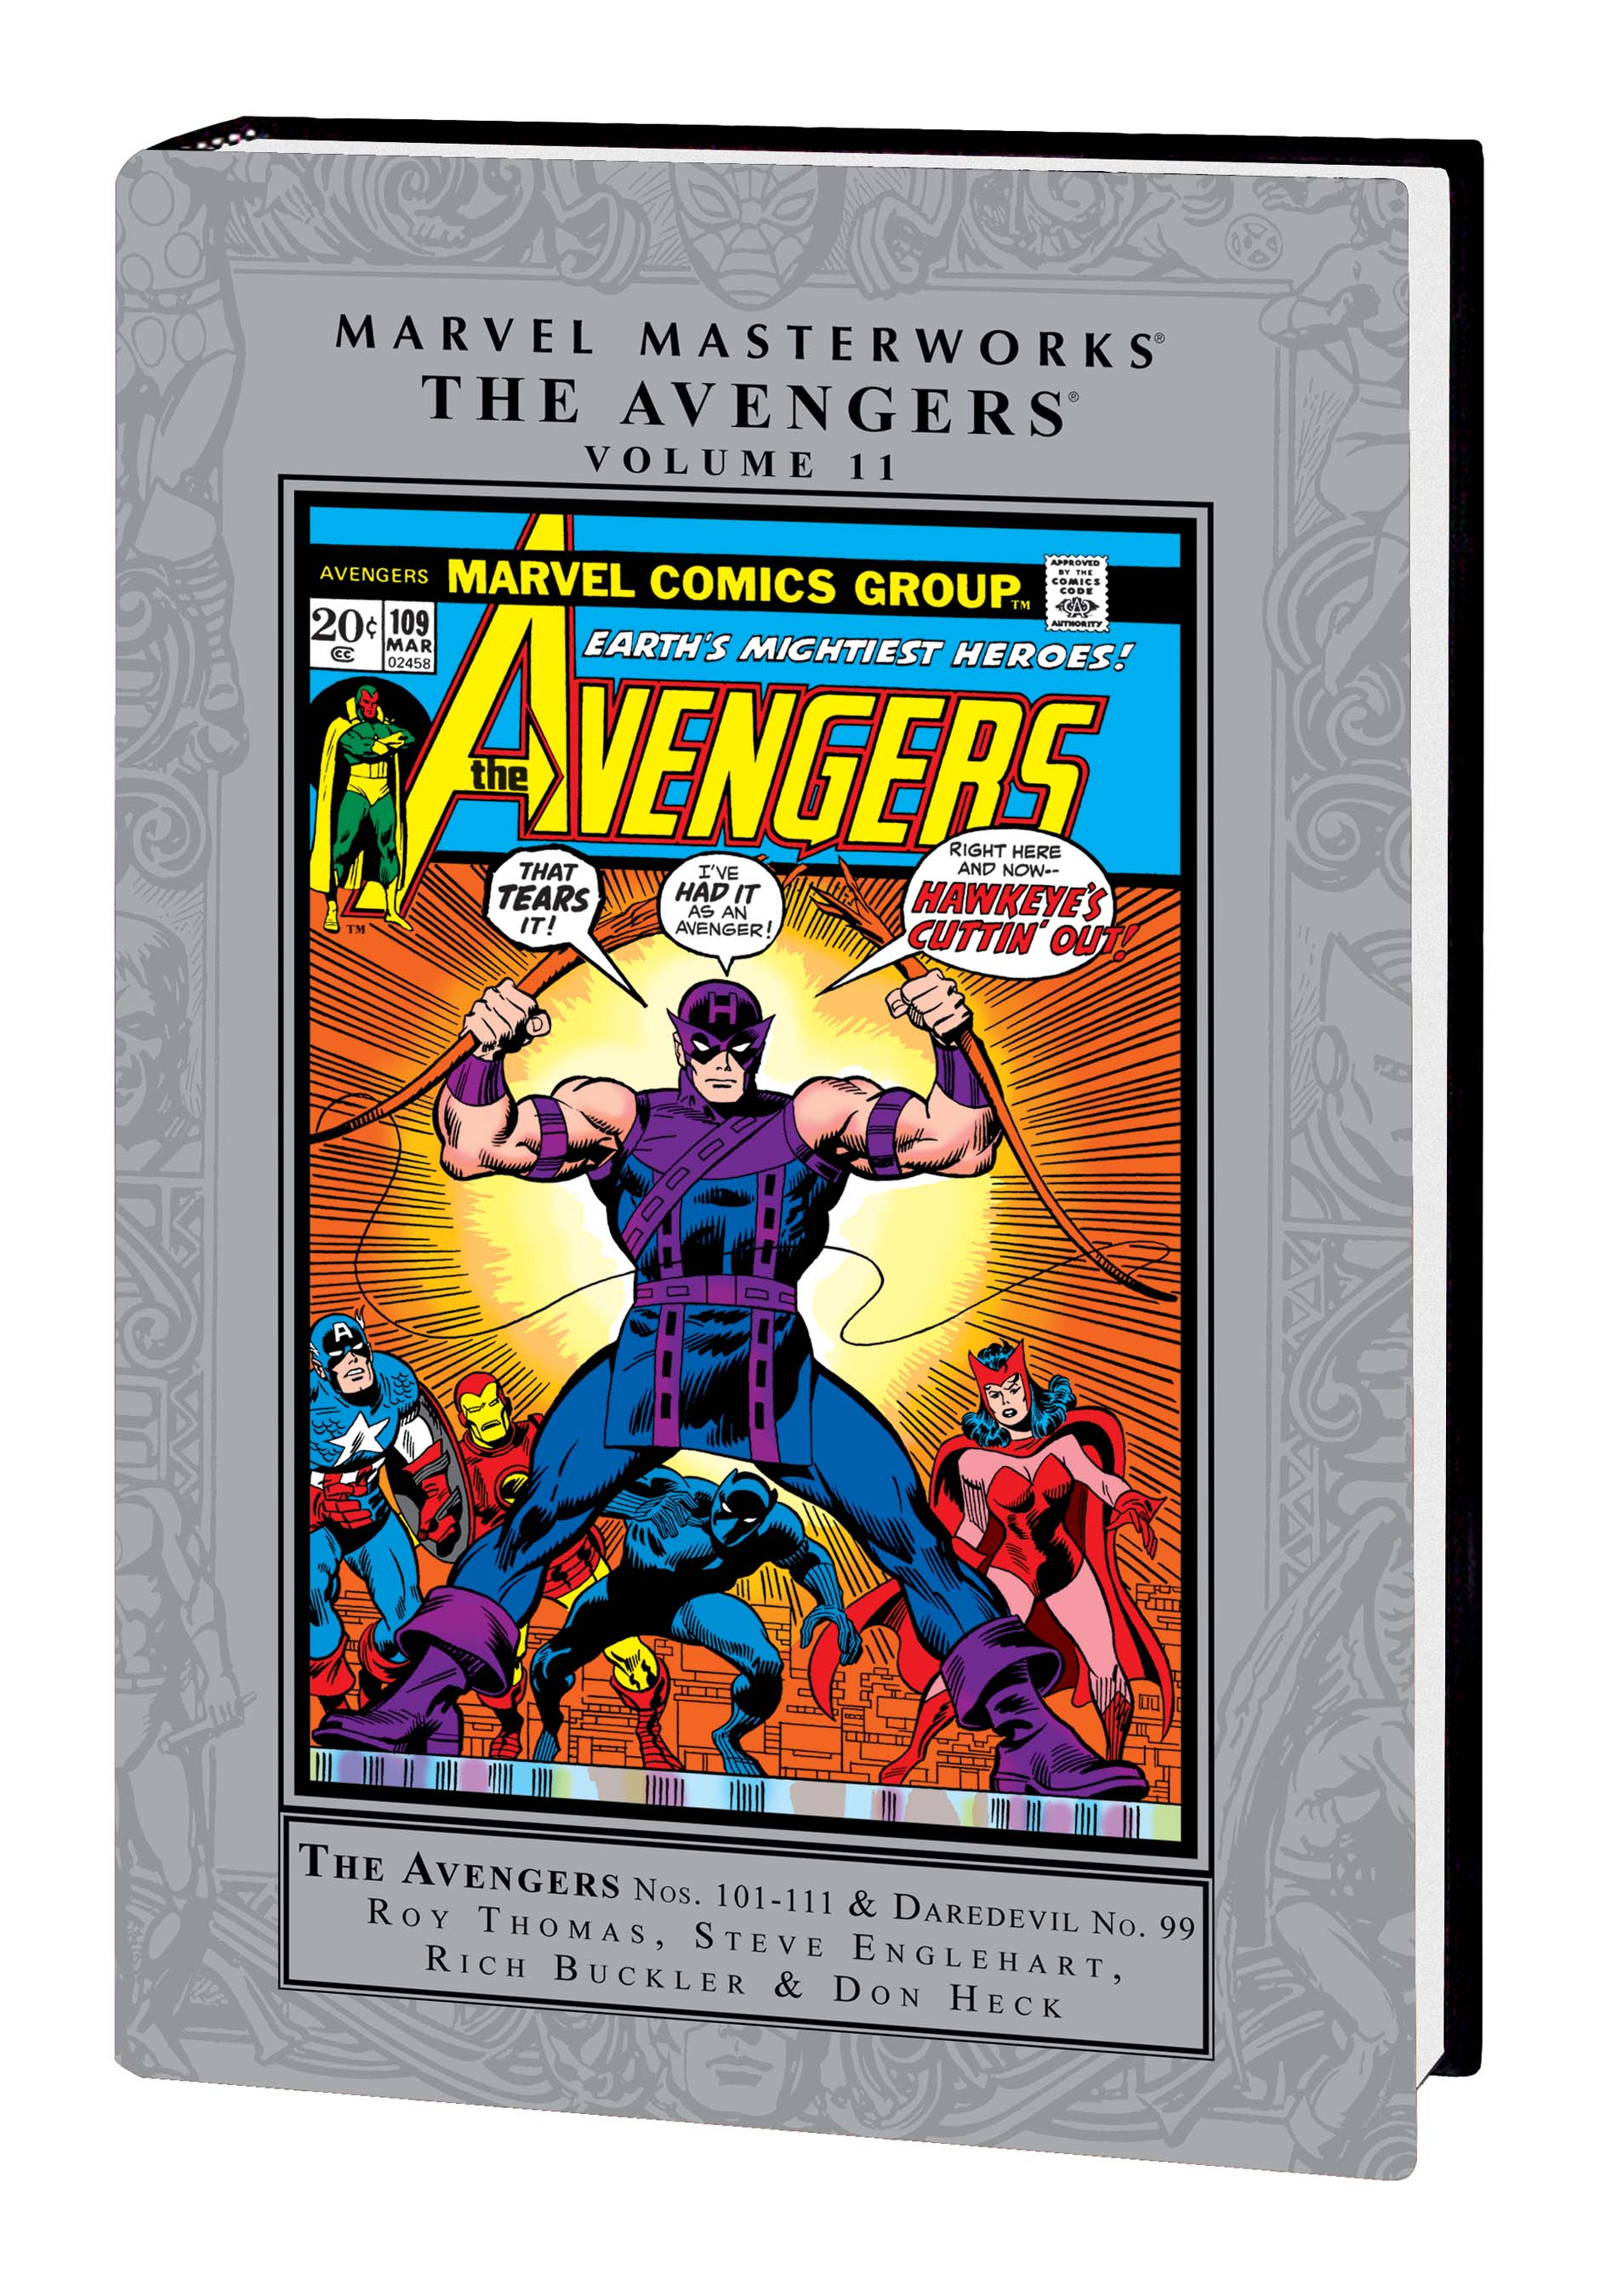 Marvel Masterworks: The Avengers Vol. 11 HC (Hardcover)